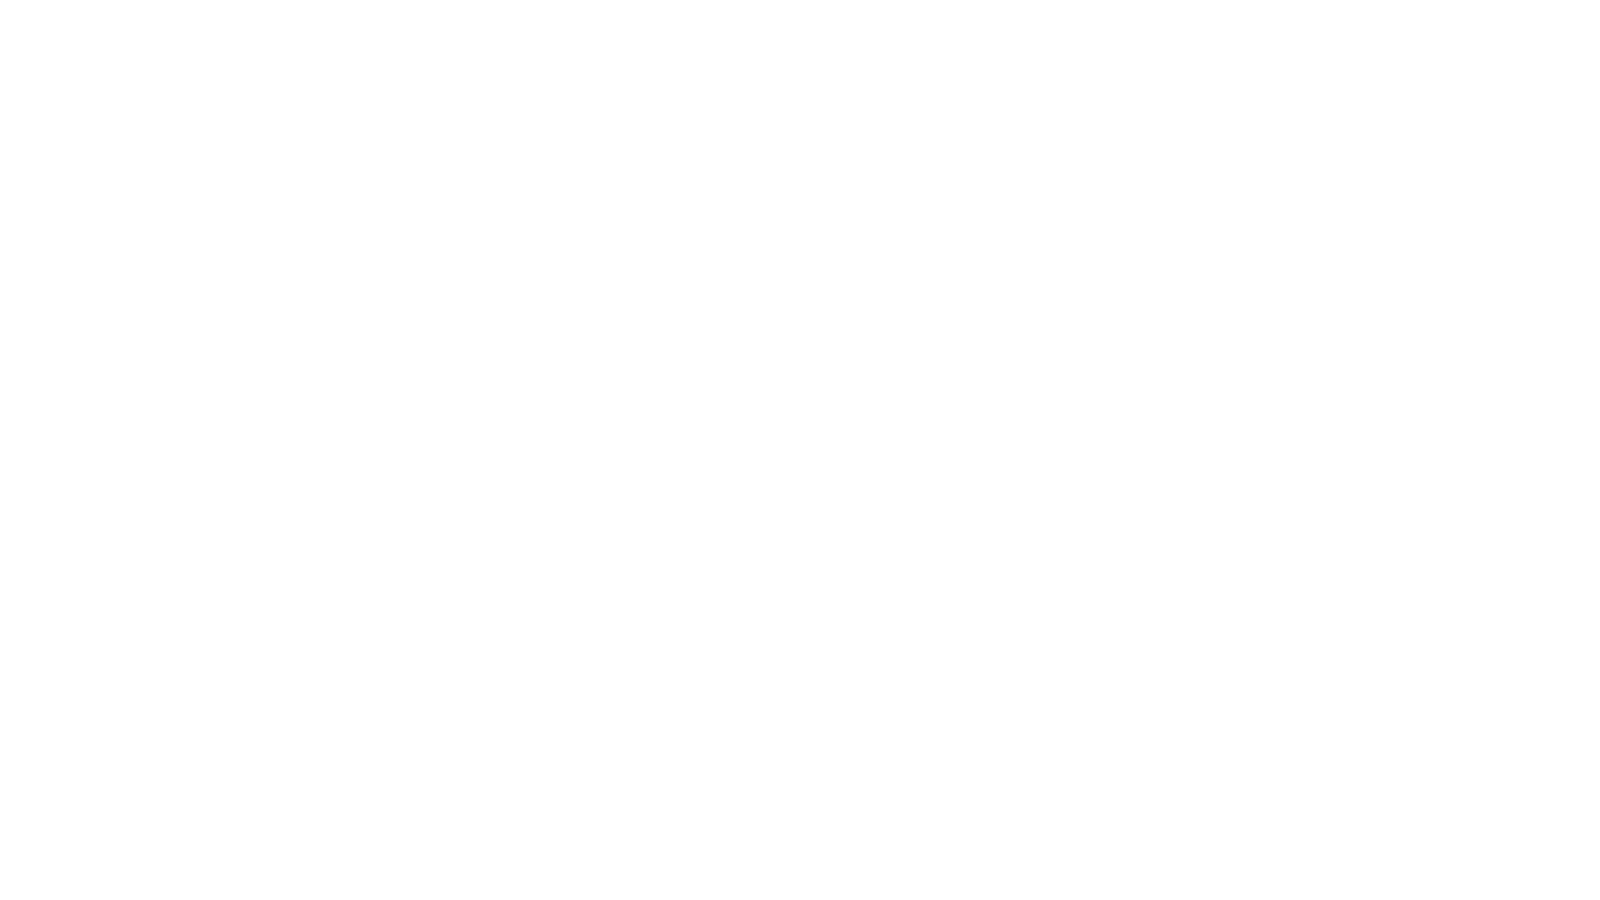 """📲 Nos siga em nossas redes sociais: Facebook:  https://facebook.com/comunidadejesusestavivo  Instagram:  https://instagram.com/comunidadejesusestavivo  🌐 Visite o nosso site: https://jesusestavivo.org.br  __   🙇🏻♀️🙇🏻♂️ Clique aqui e deixe seu pedido de oração: 🕯️ https://www.jesusestavivo.org.br/  ENTRE PARA O NOSSO GRUPO DO TELEGRAM 🙌🏻👇🏻 https://t.me/comunidadejesusestavivo  Nosso WhatsApp: (27) 99705-6184  Olá, paz e bem! Esse é o canal oficial da Comunidade Católica Jesus Está Vivo. Seja bem vindo (a)!  📌 Ajude a Comunidade Jesus Está Vivo:  Associação Jesus Está Vivo  Banco Caixa Econômica Federal Banco: 104 Agência: 2042 C/C: 03004240-3  Banco Banestes Banco: 021 Agência: 083 C/C: 9.819.939  PIX CNPJ: 06.107.323/0001-65  PicPay: Comunidade Jesus Está Vivo  __   A Comunidade Jesus Está Vivo é uma comunidade de vida e aliança, uma nova forma de consagração na Igreja, especificamente homens e mulheres, casais e celibatários que entregam suas vidas a serviço de Deus e da Igreja. Vivemos uma vocação específica a partir de um carisma próprio no qual consagramos nossas vidas a Deus.  Nossa carisma é """"contemplar, pela eucaristia , o amor de Deus revelado em Seu Filho Jesus, e assim, levar adiante o testemunho deste amor"""".  Nossa missão é """"tornar Jesus mais Amado e Adorado pelo maior número de pessoas possível, despertando e formando homens e mulheres que sejam verdadeiramente apaixonados pela Pessoa de Jesus."""